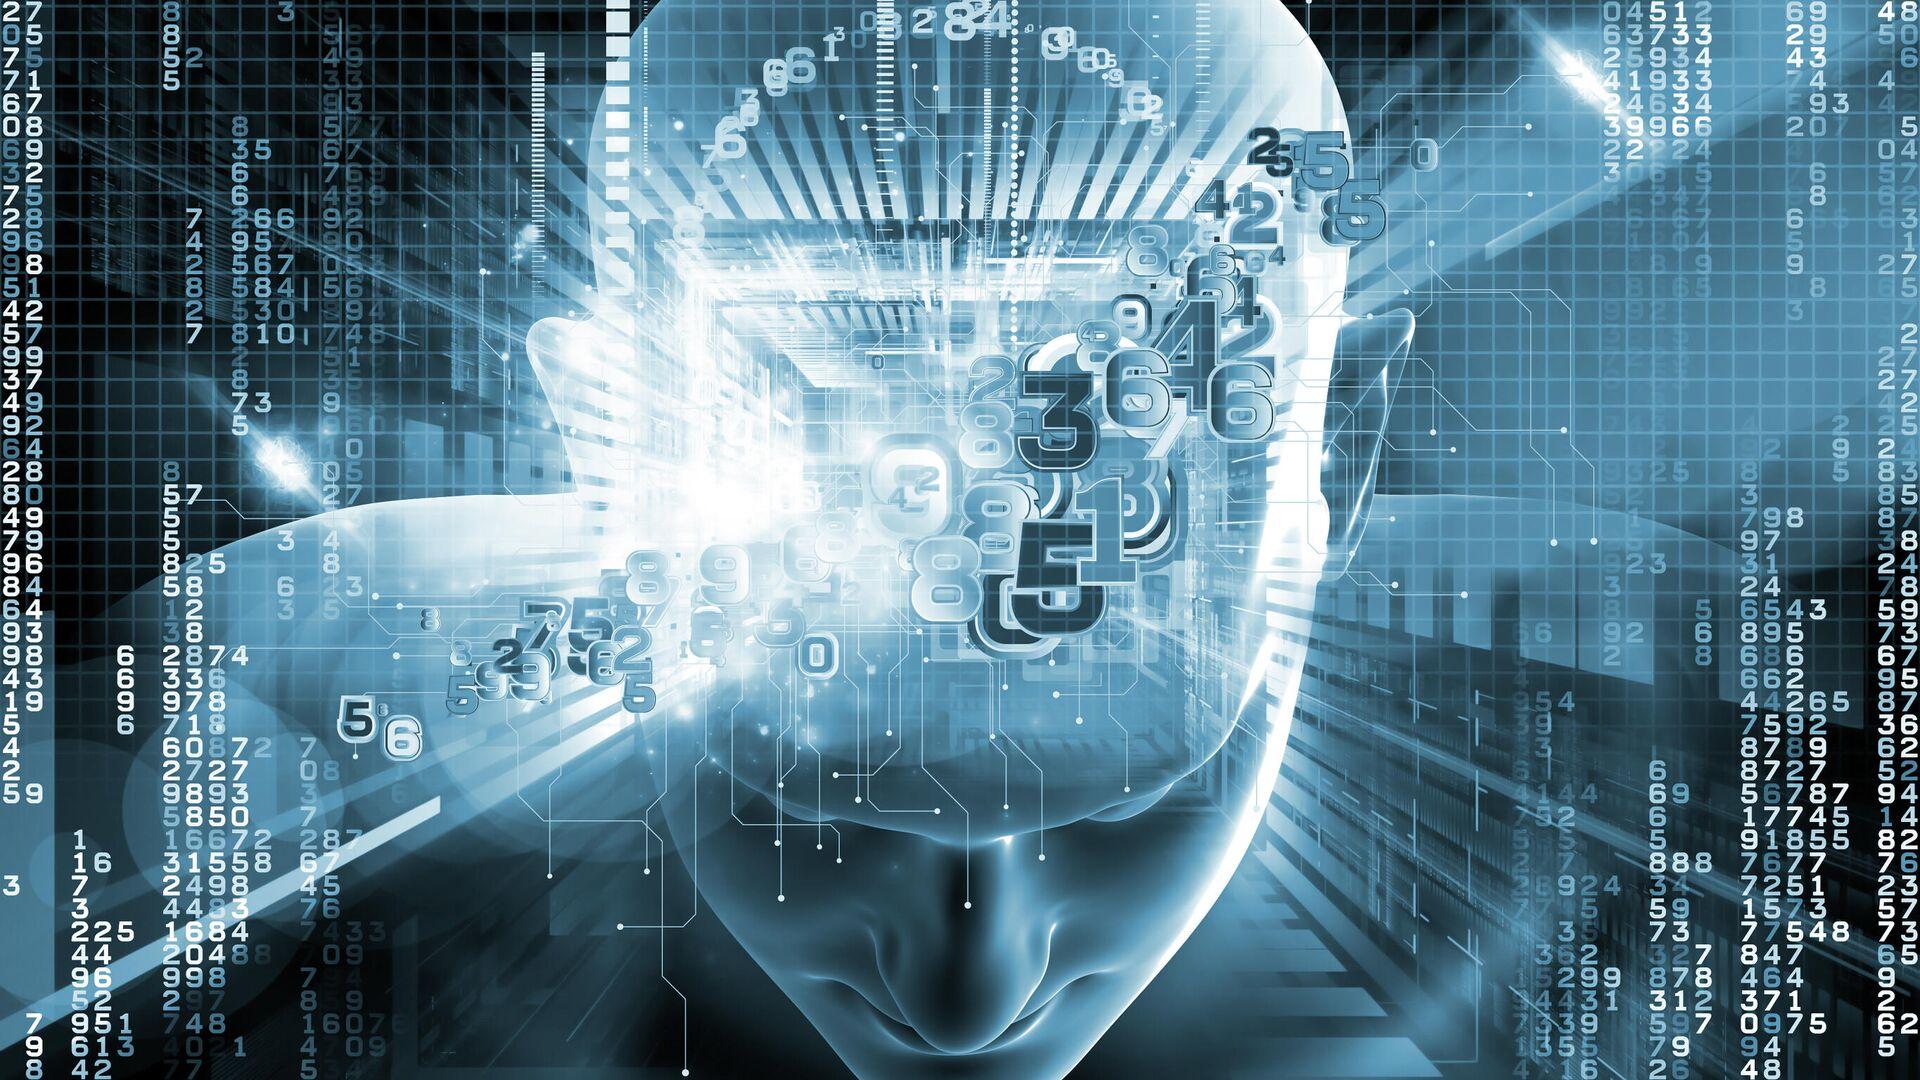 Чернышенко: в России создается центр экспертизы по искусственному интеллекту